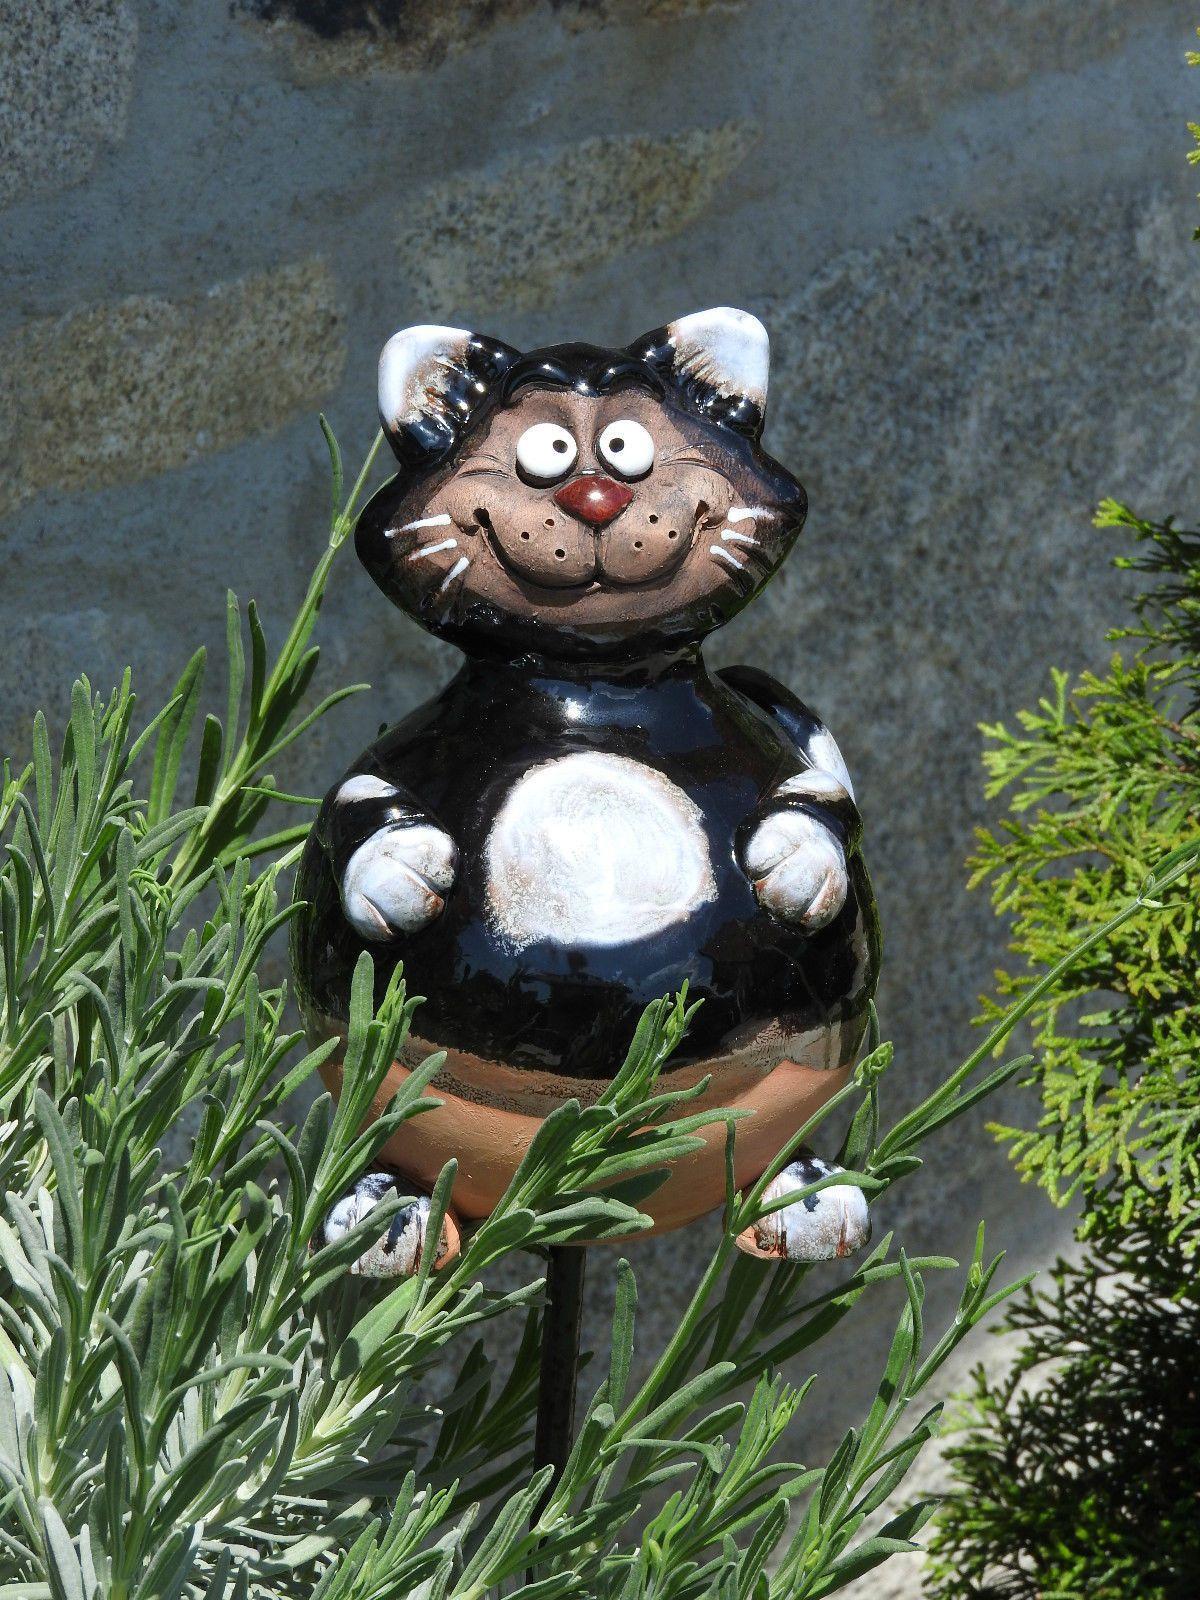 Keramik Katze Schwarz Gartenkugel Kater Dekoration Garten Terrasse Tiger Deko Ebay Deko Katze Gartenkugeln Keramik